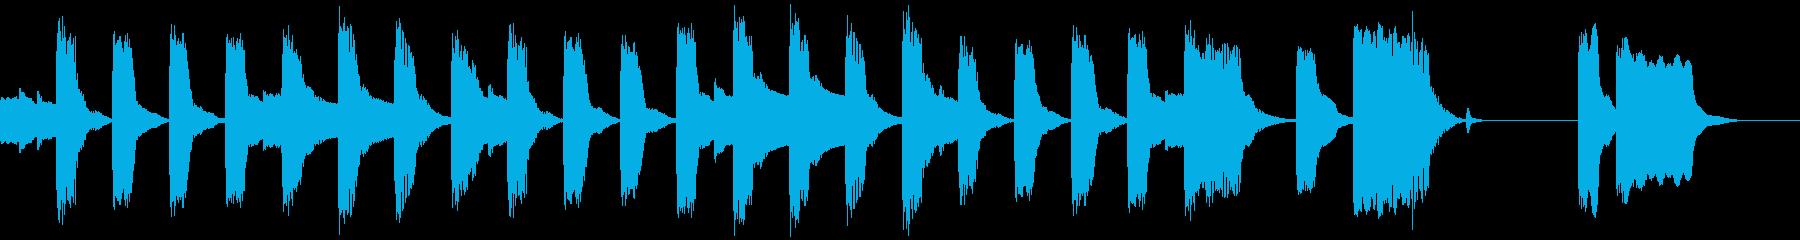 エレピのかわいいBGM(ループ仕様)の再生済みの波形